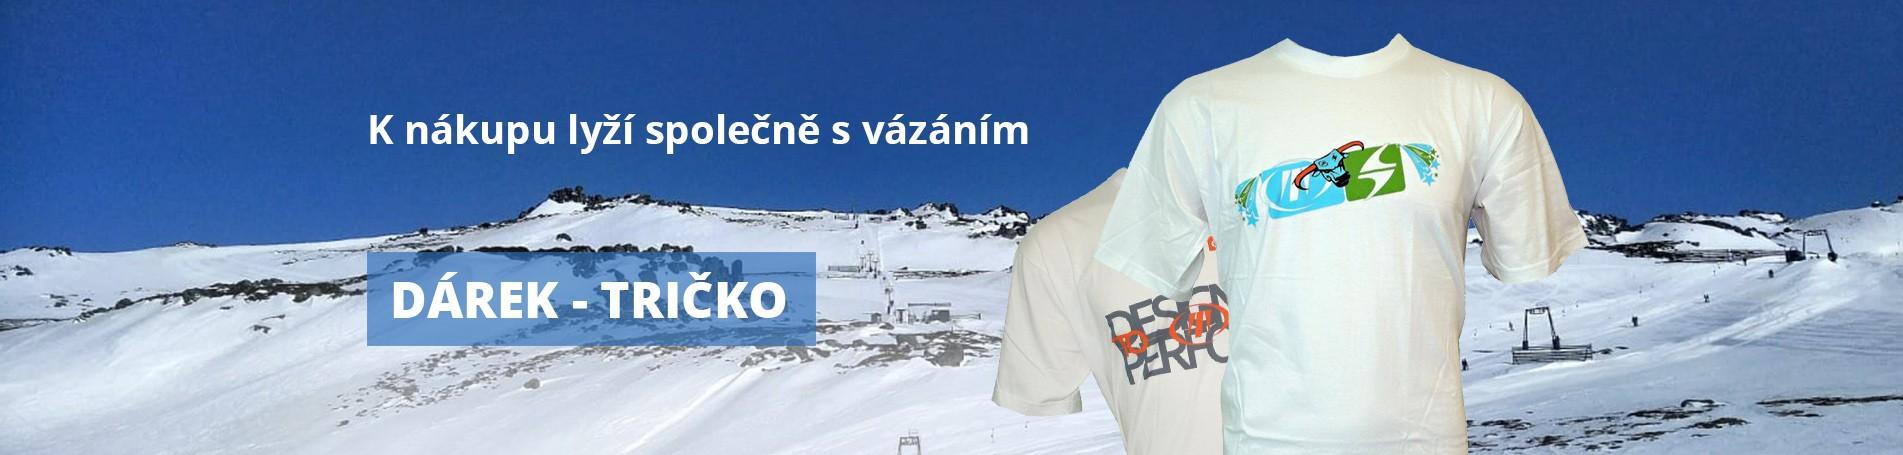 K nákupu lyží společně s vázáním dárek - tričko